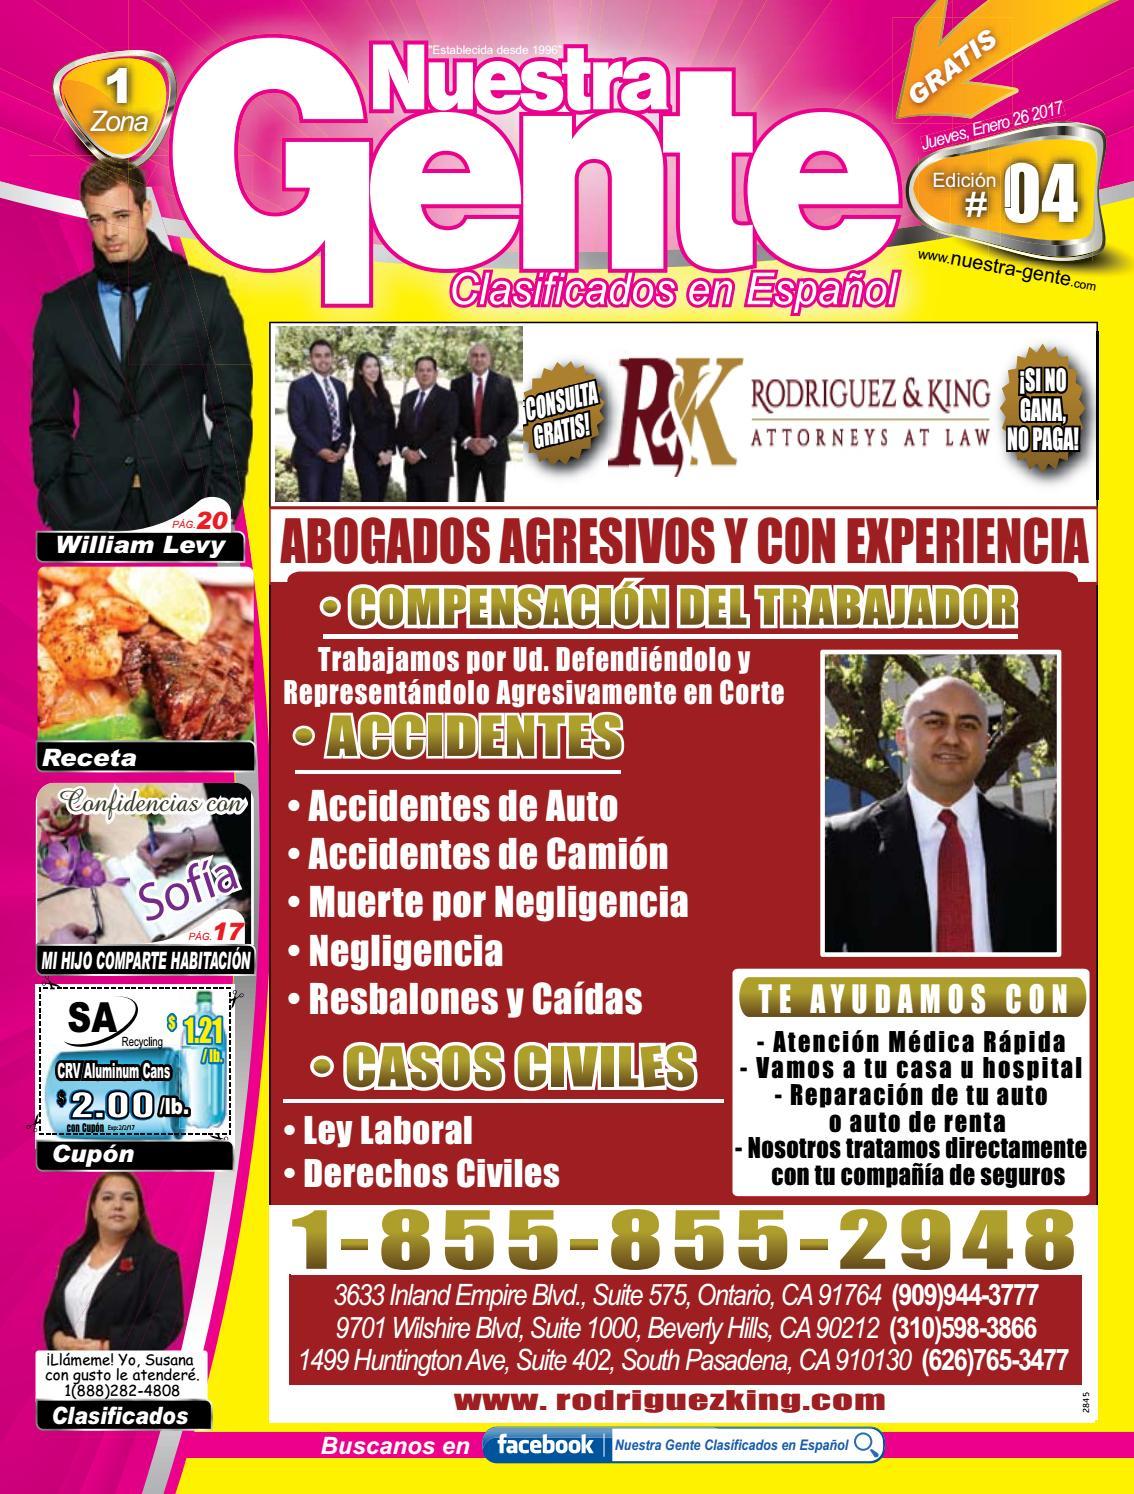 Nuestra Gente 2017 Edicion 4 Zona 1 by Nuestra Gente - issuu